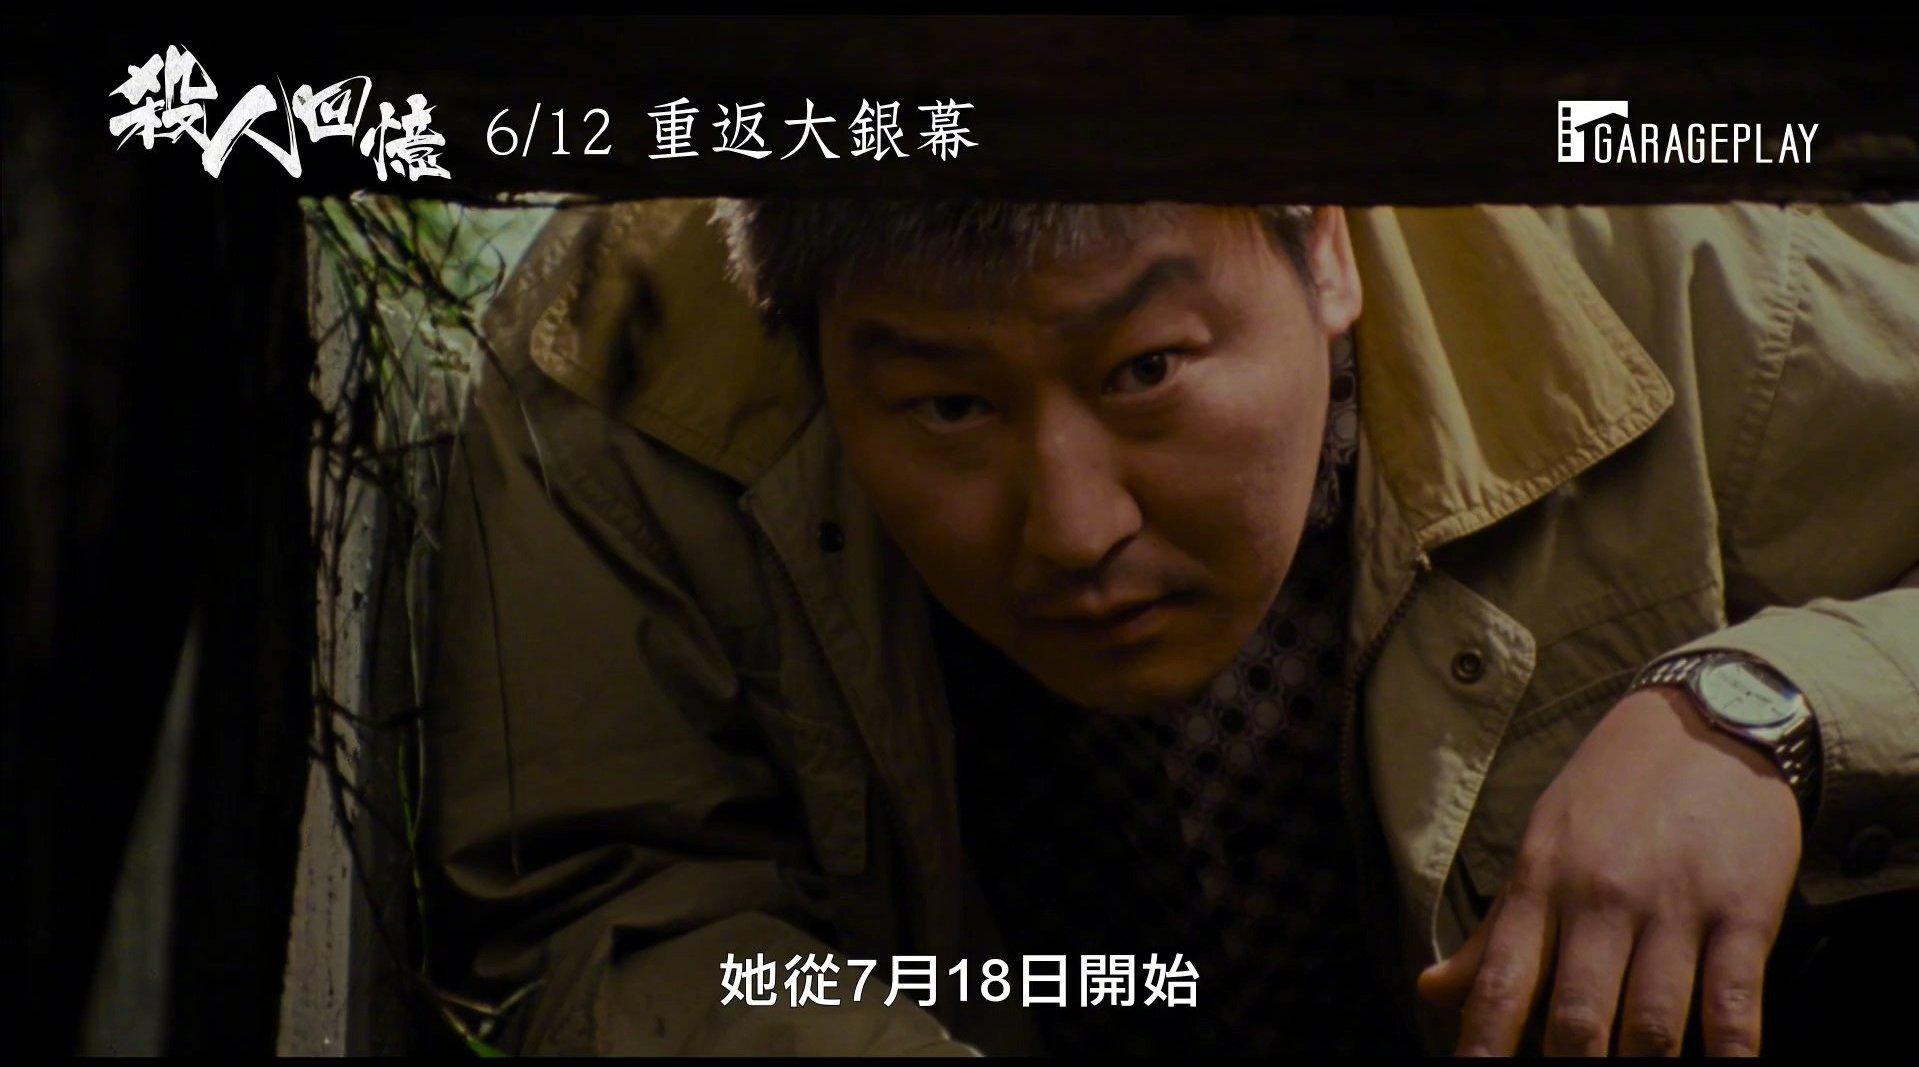 奉俊昊经典作《杀人回忆》台湾重映版中字预告片释出!